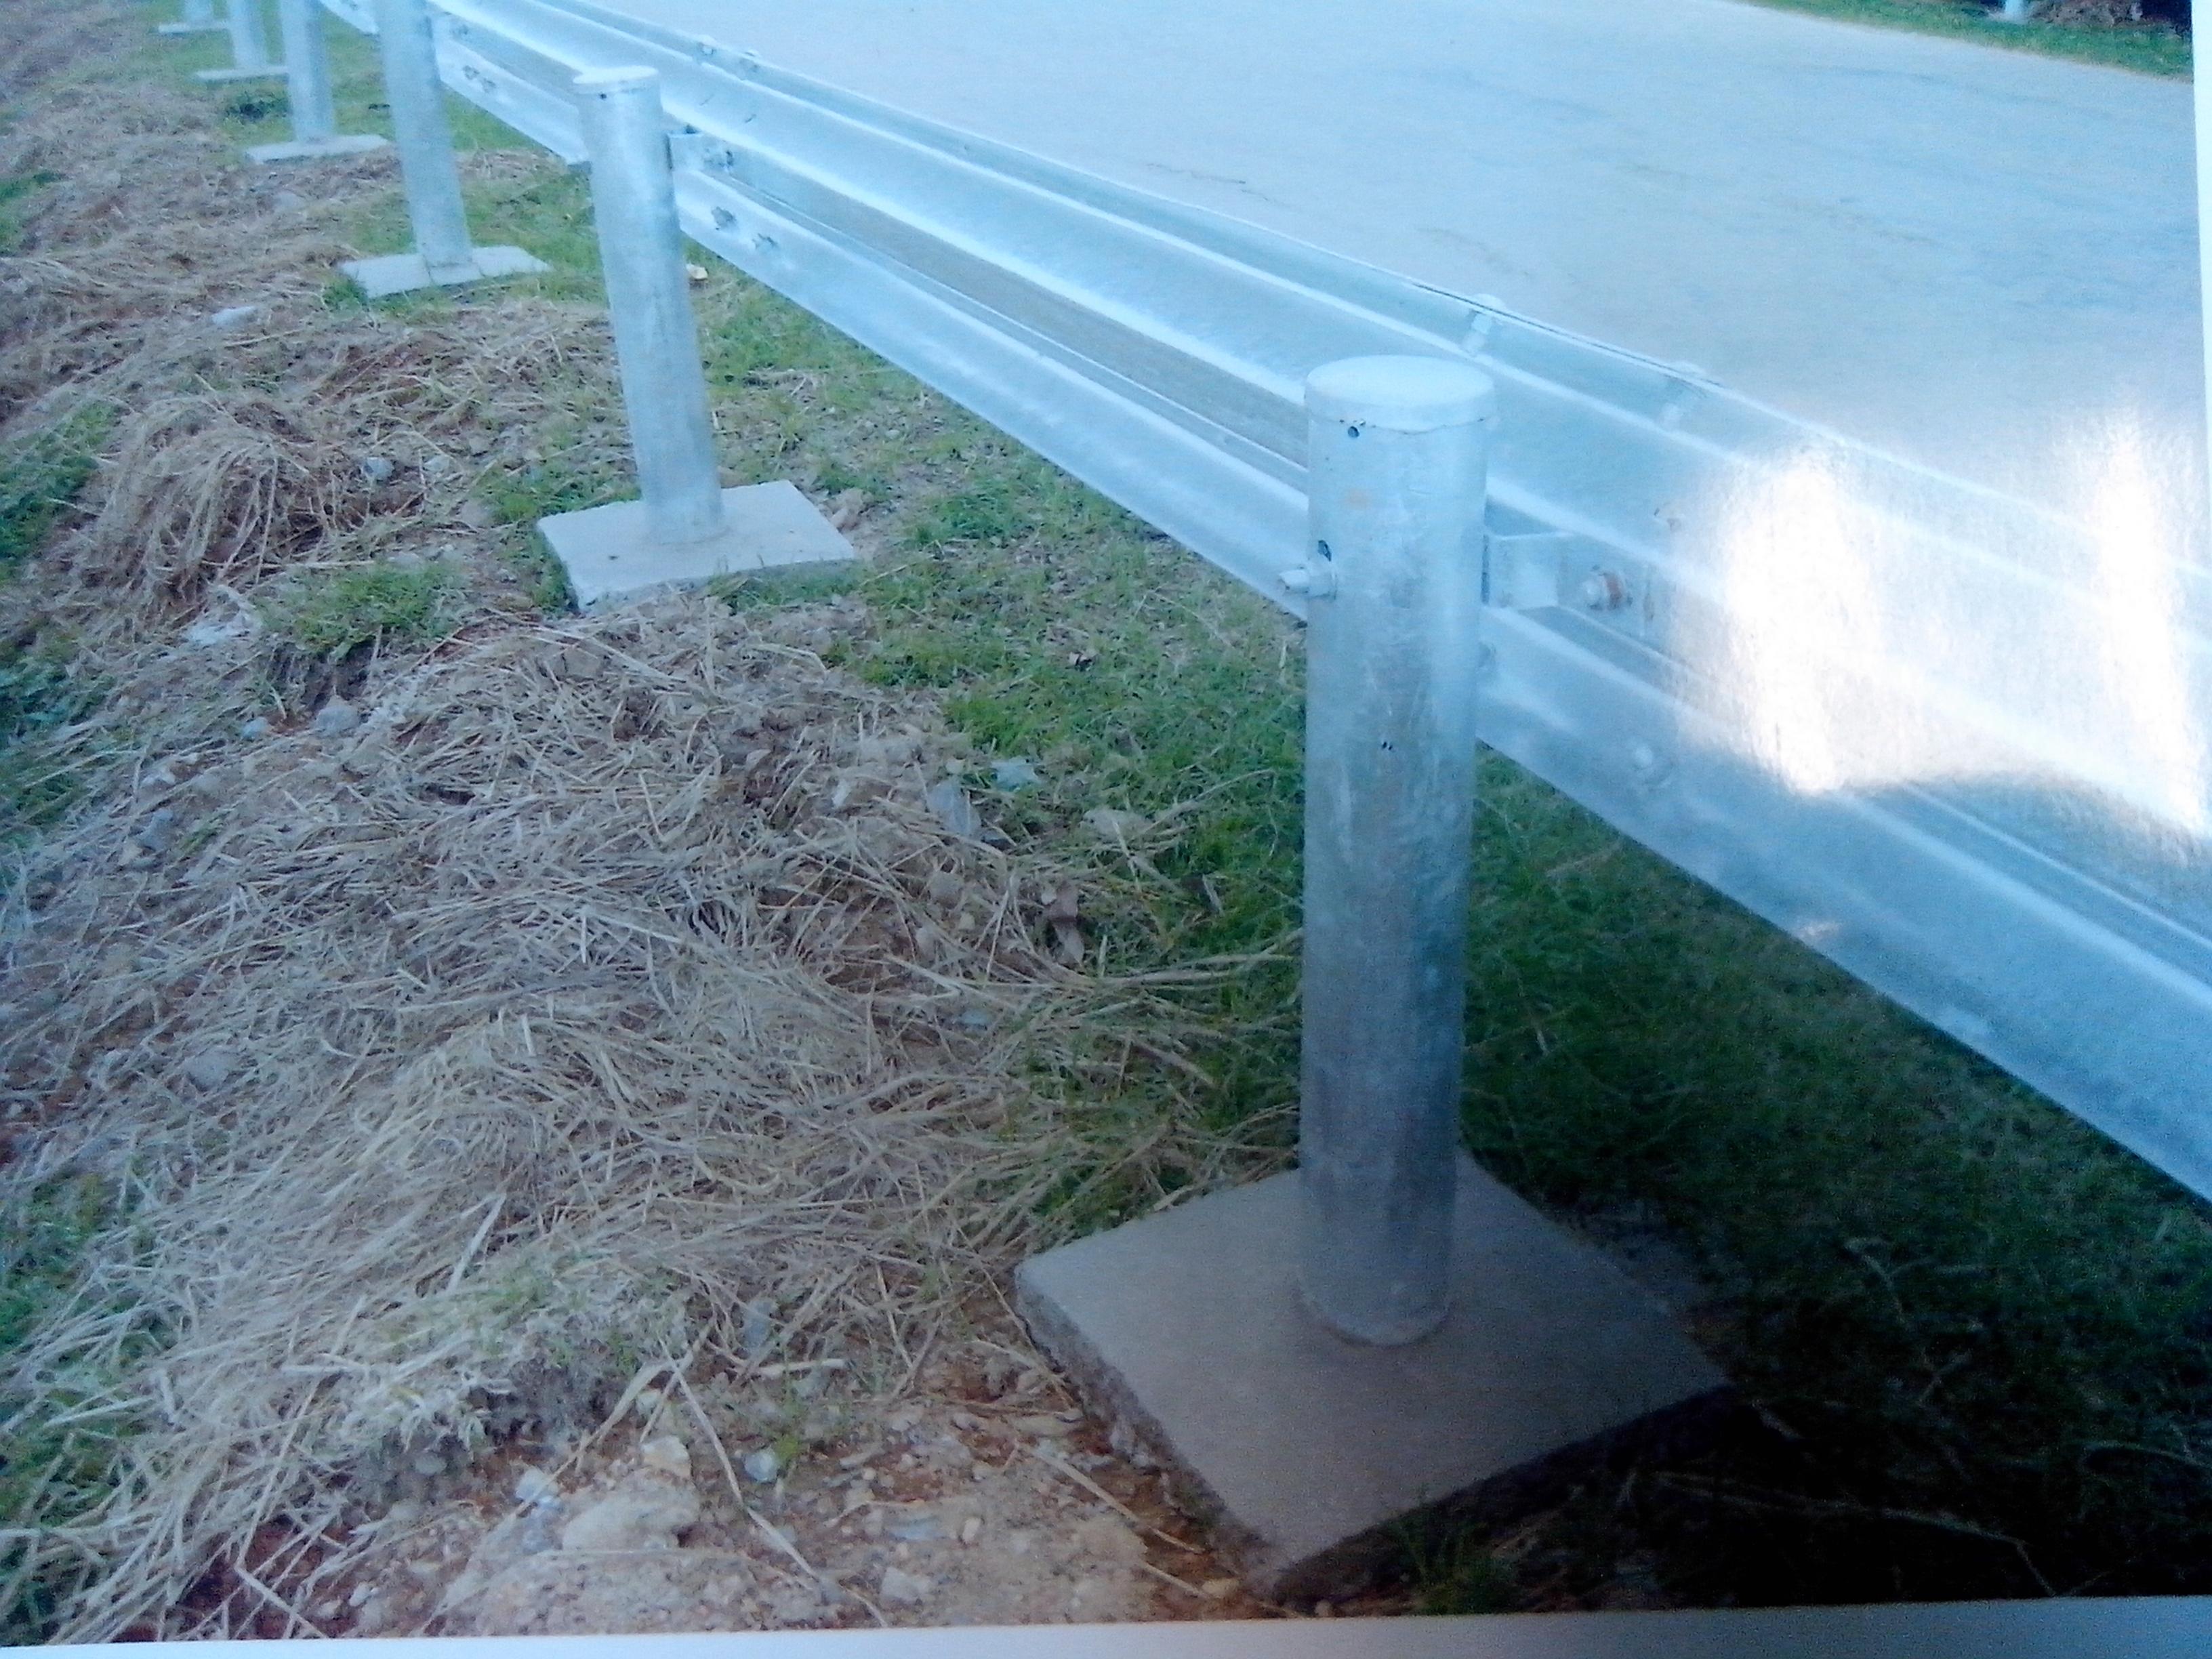 Báo giá  Lưới chống chói - Thiết kế mẫu Hộ lan phòng hộ loại cột thép hình tròn- Tiêu chuẩn kỹ thuật thi công & nghiệm thu